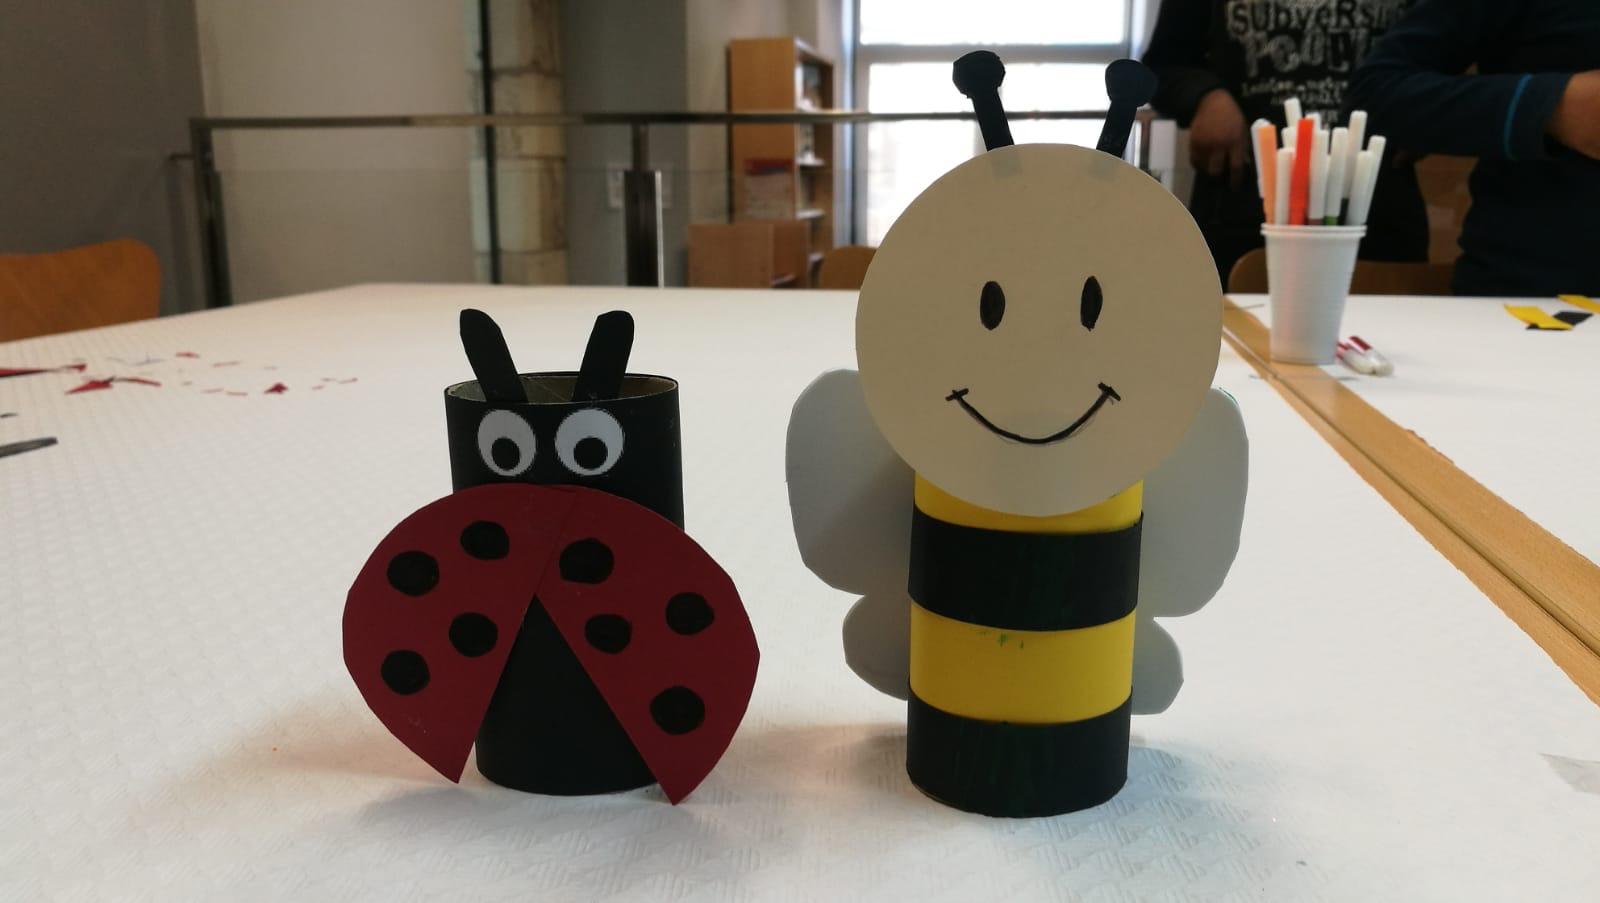 Aquest dimecres ha tingut lloc un taller infantil a la Biblioteca de la Bisbal i dissabte hi haurà contacontes